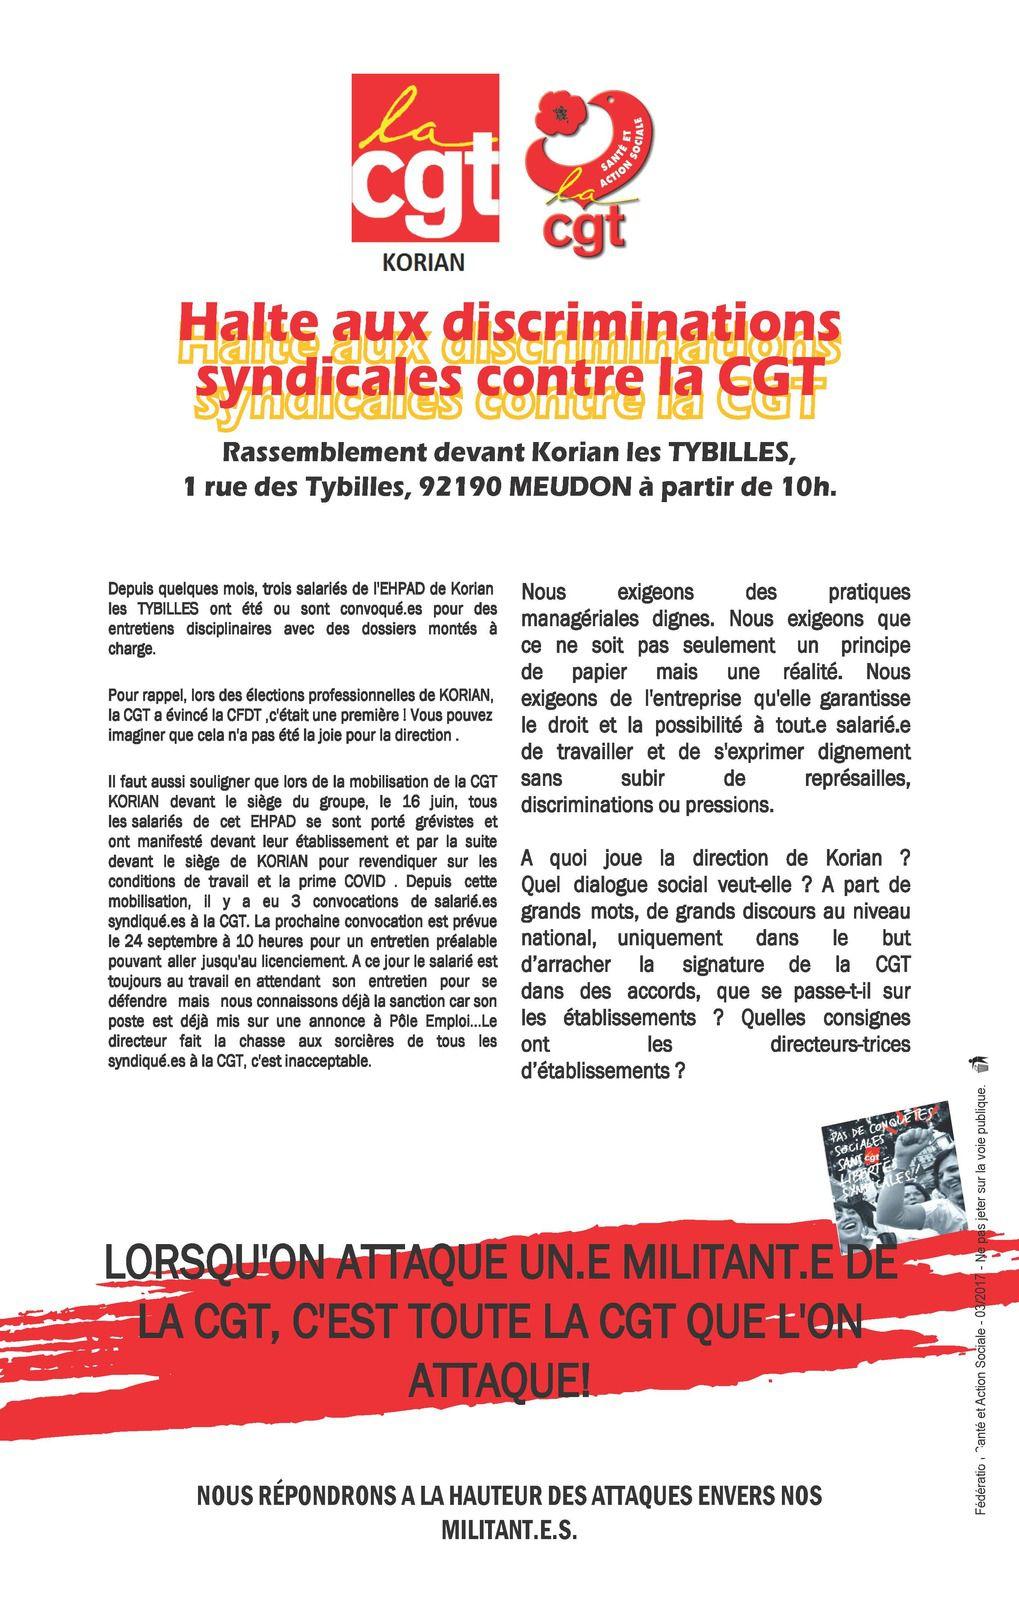 Halte aux discriminations syndicales contre la CGT Korian.